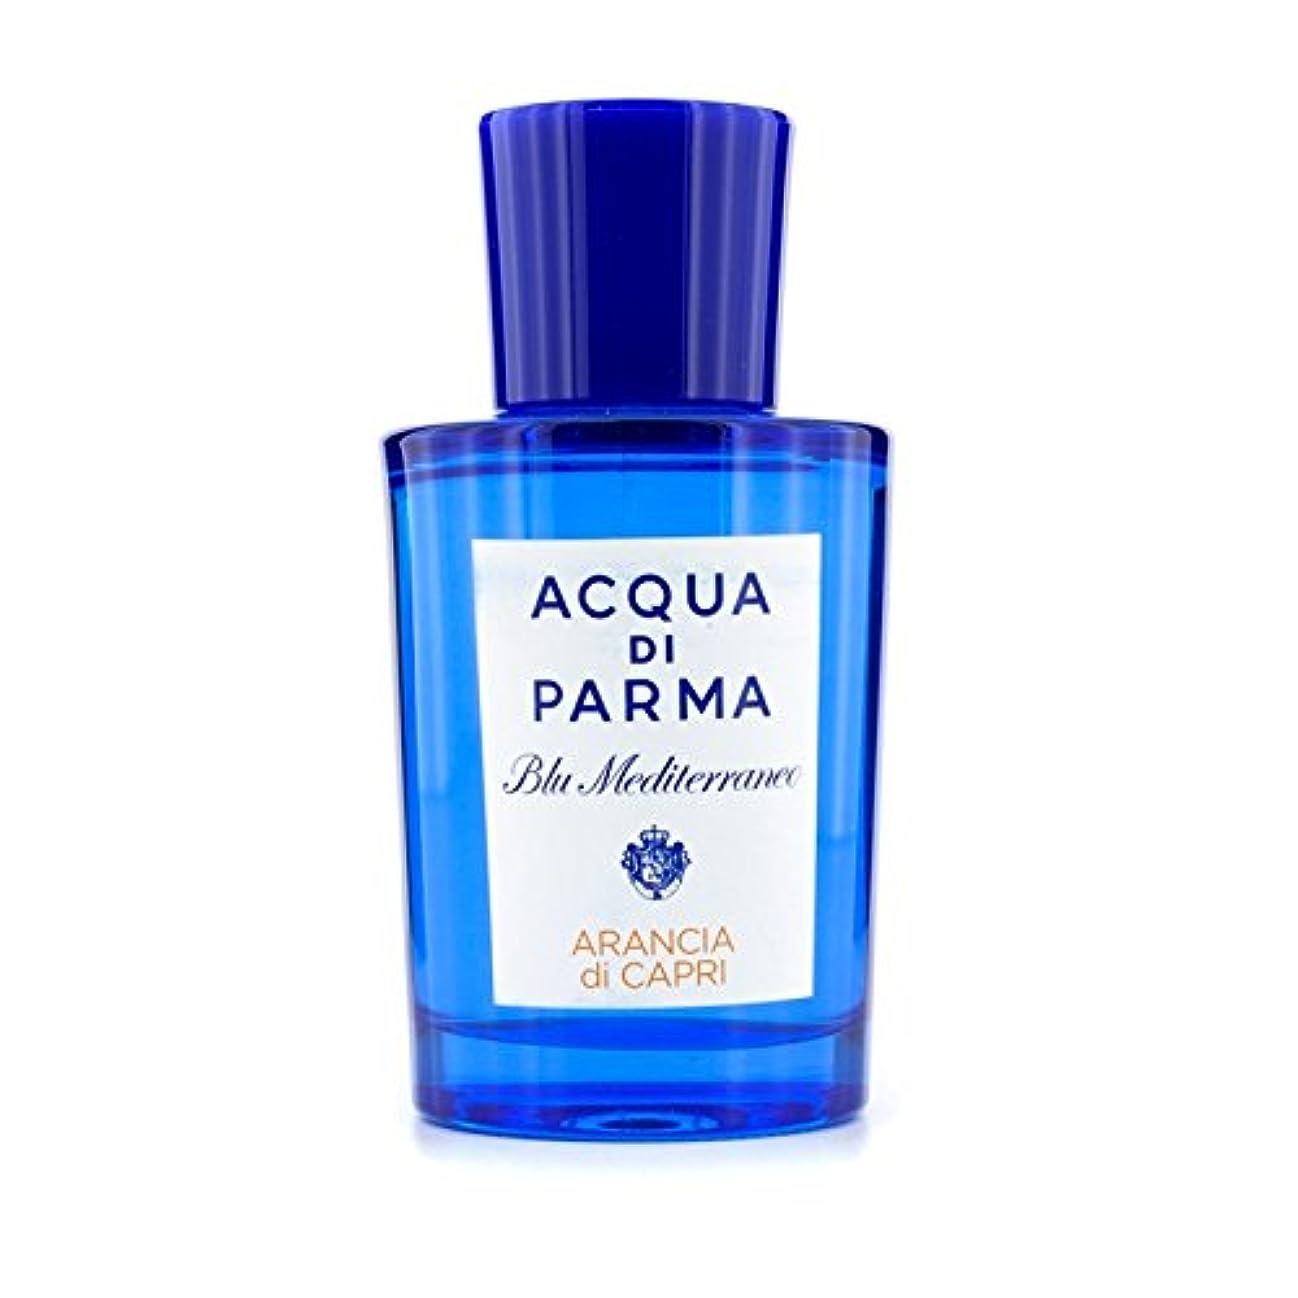 教えて爆発物自己アクアディパルマ Acqua di Parma ブルーメディテラネオ アランシア ディ カプリ 75ml EDT オーデトワレスプレー